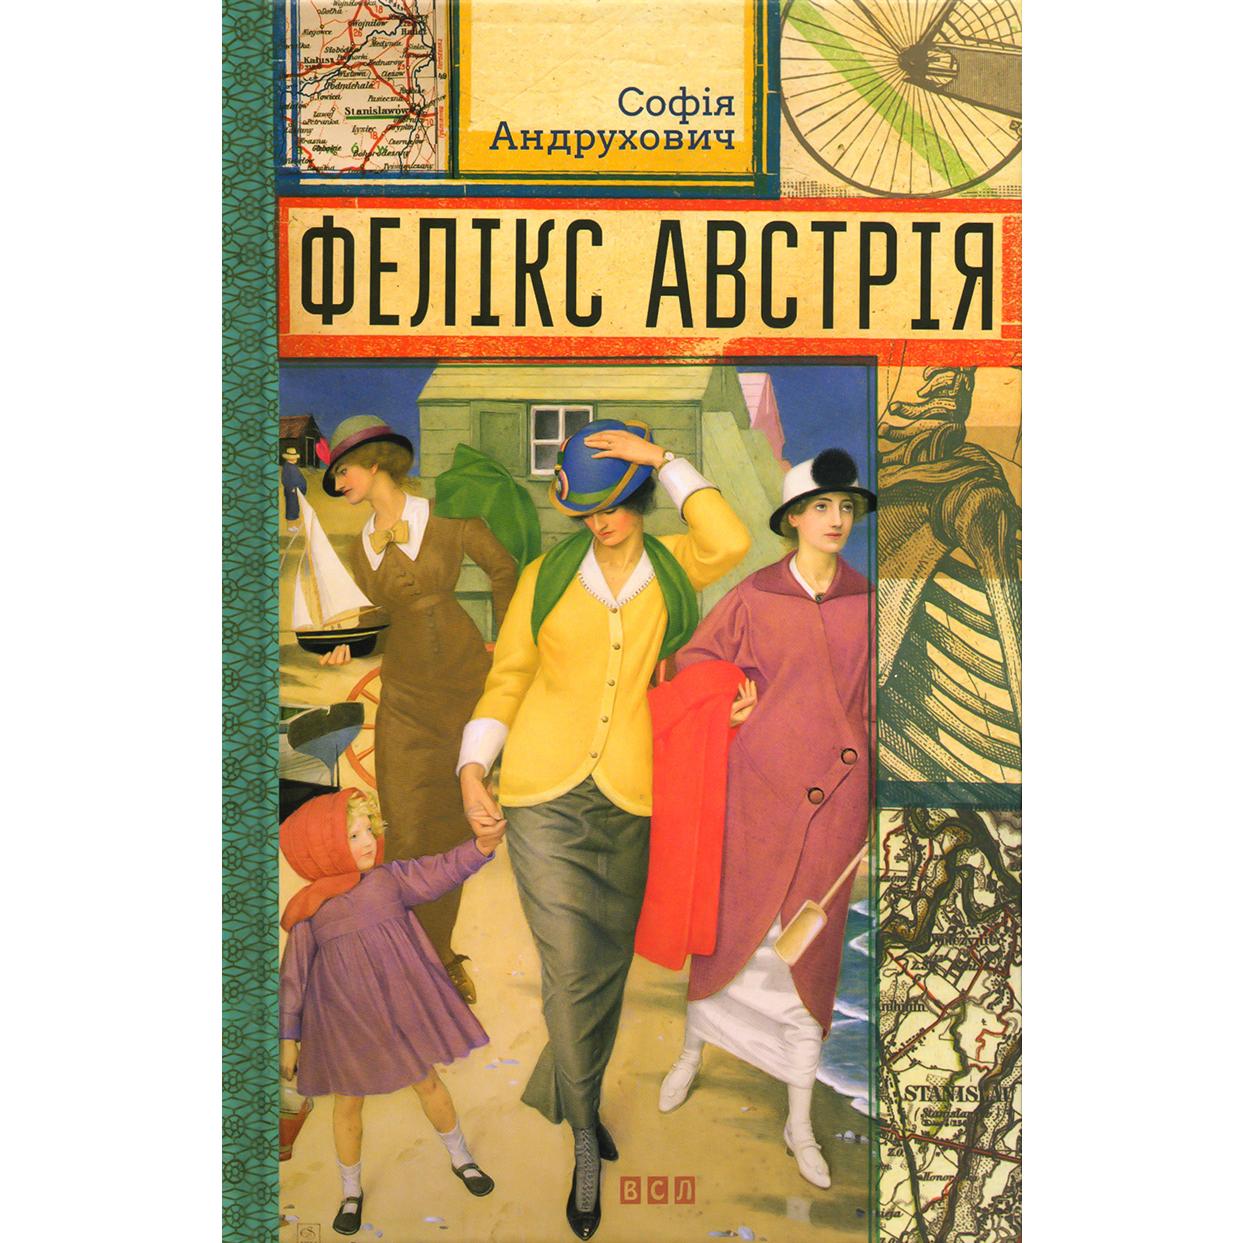 Купити книгу Фелікс Австрія, Софія Андрухович | Bukio